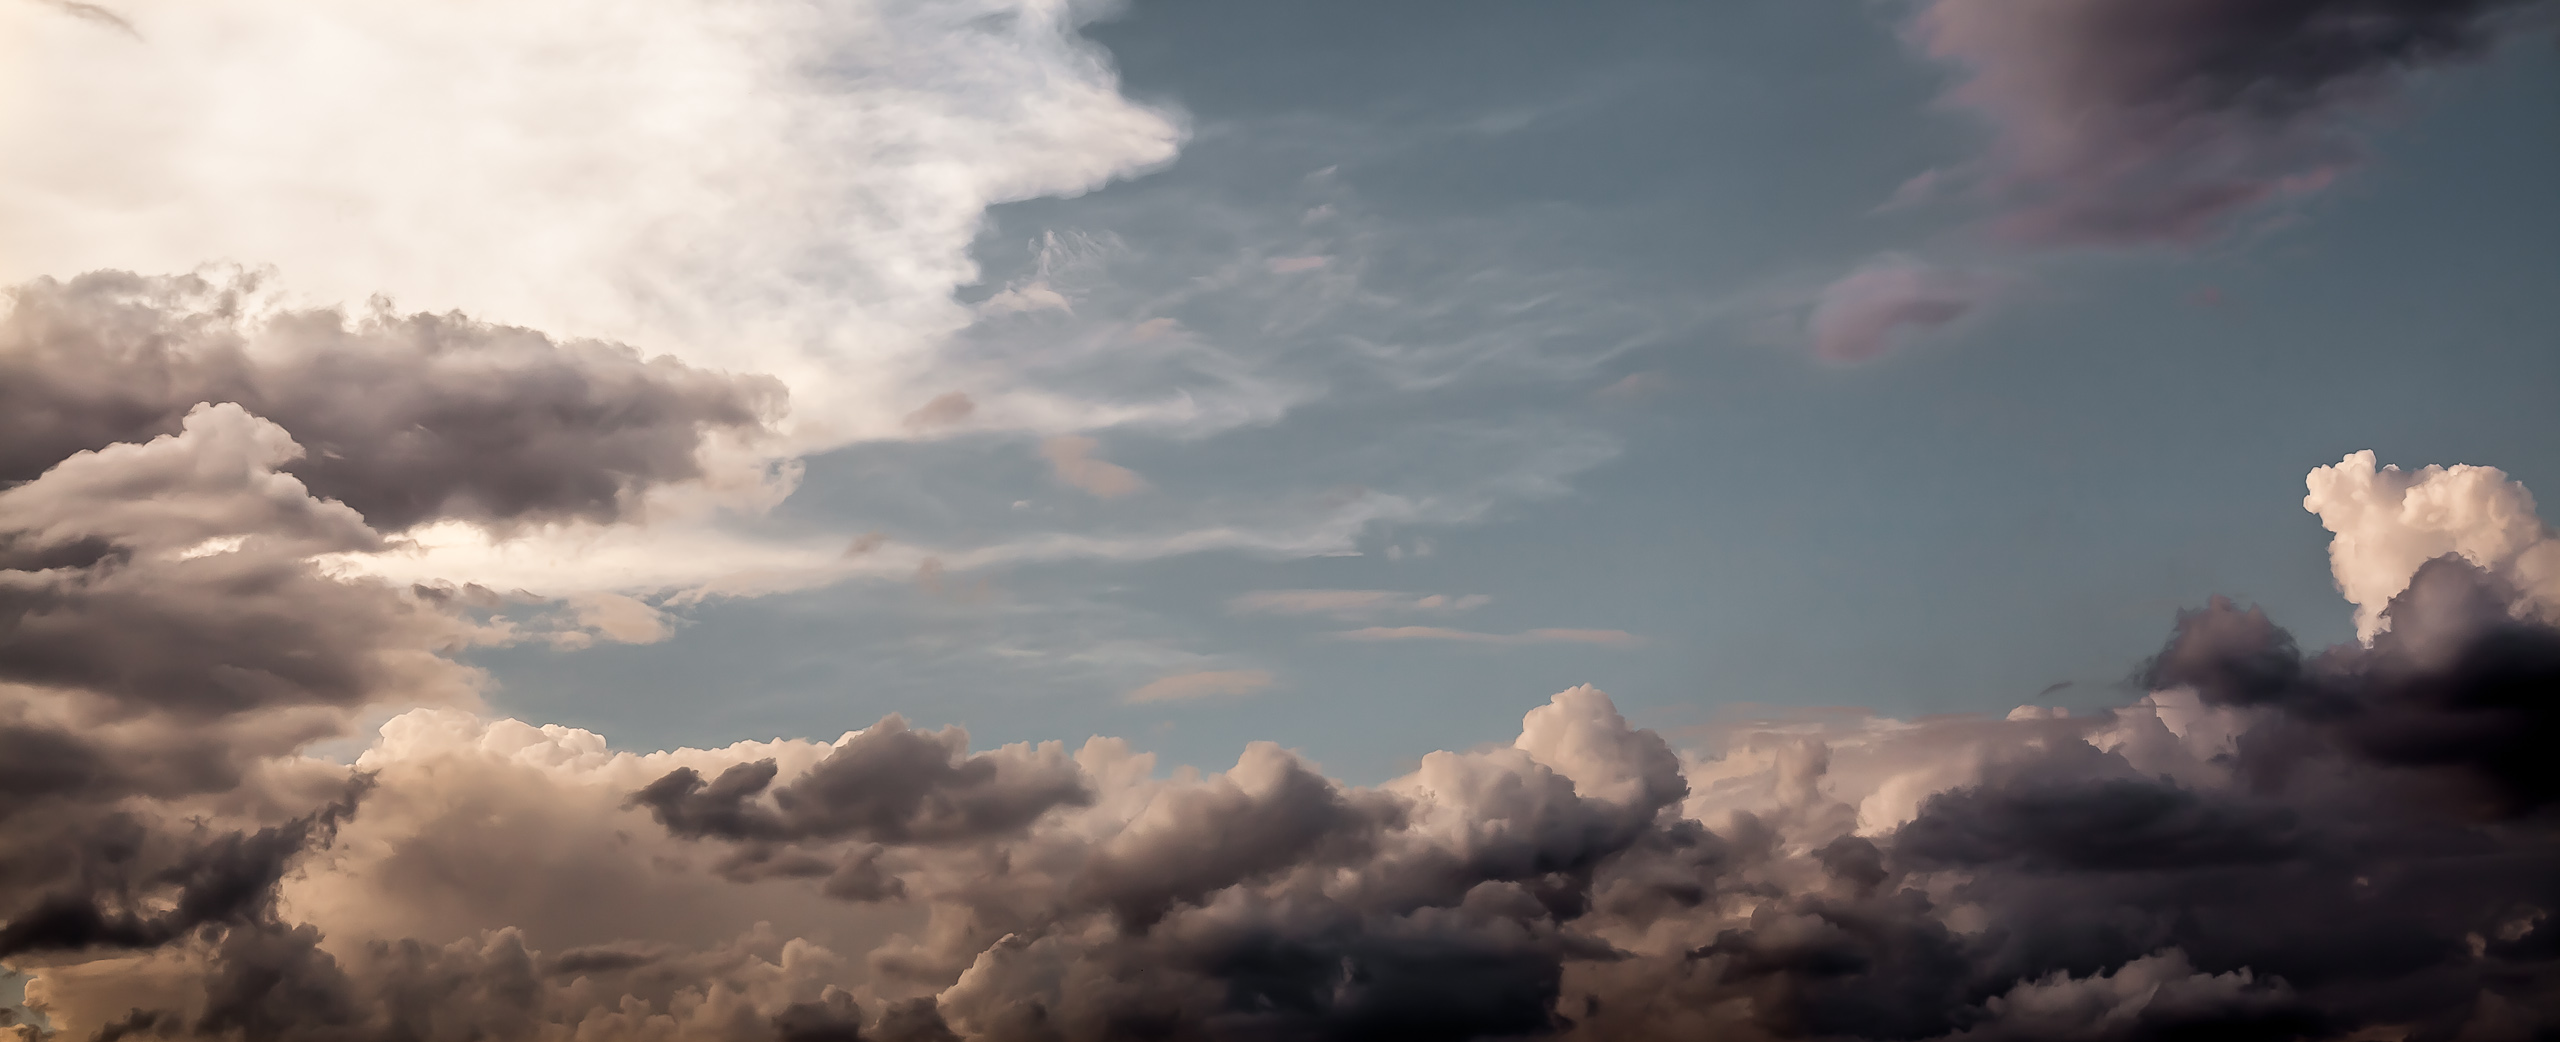 Cloud Painting by WTek79